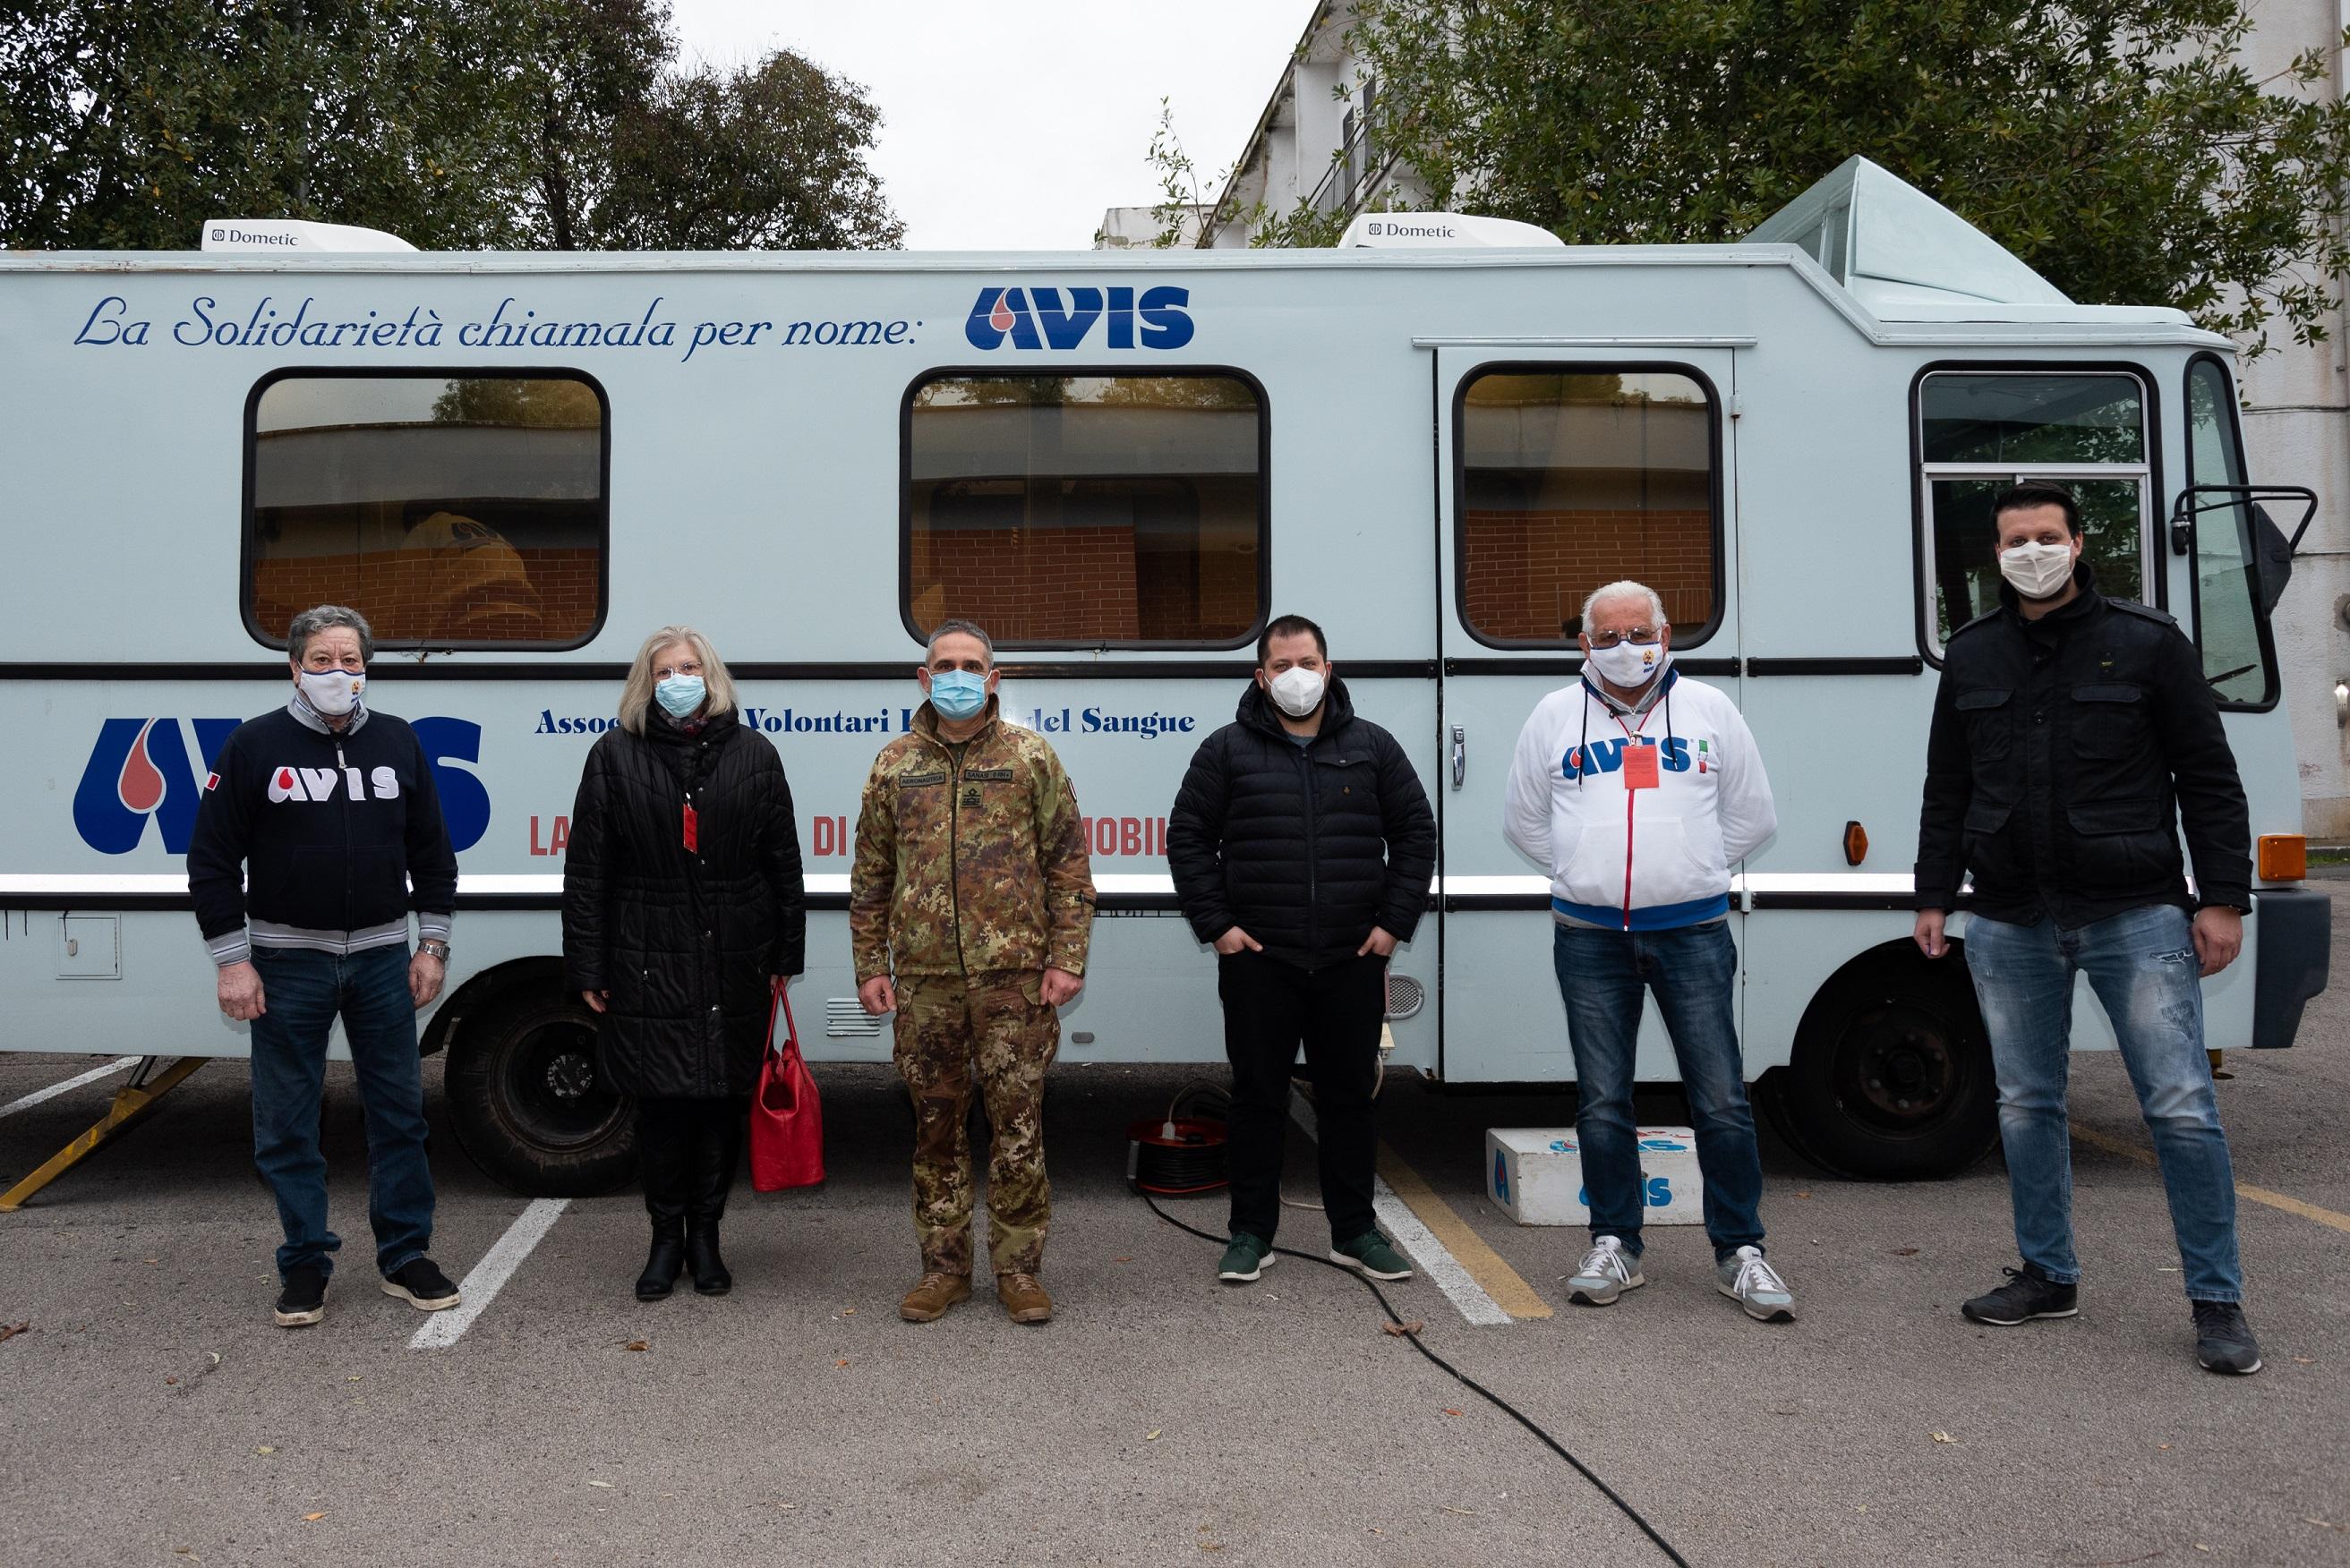 Borgo Piave, alla 4^ Brigata giornata dedicata alla donazione sangue